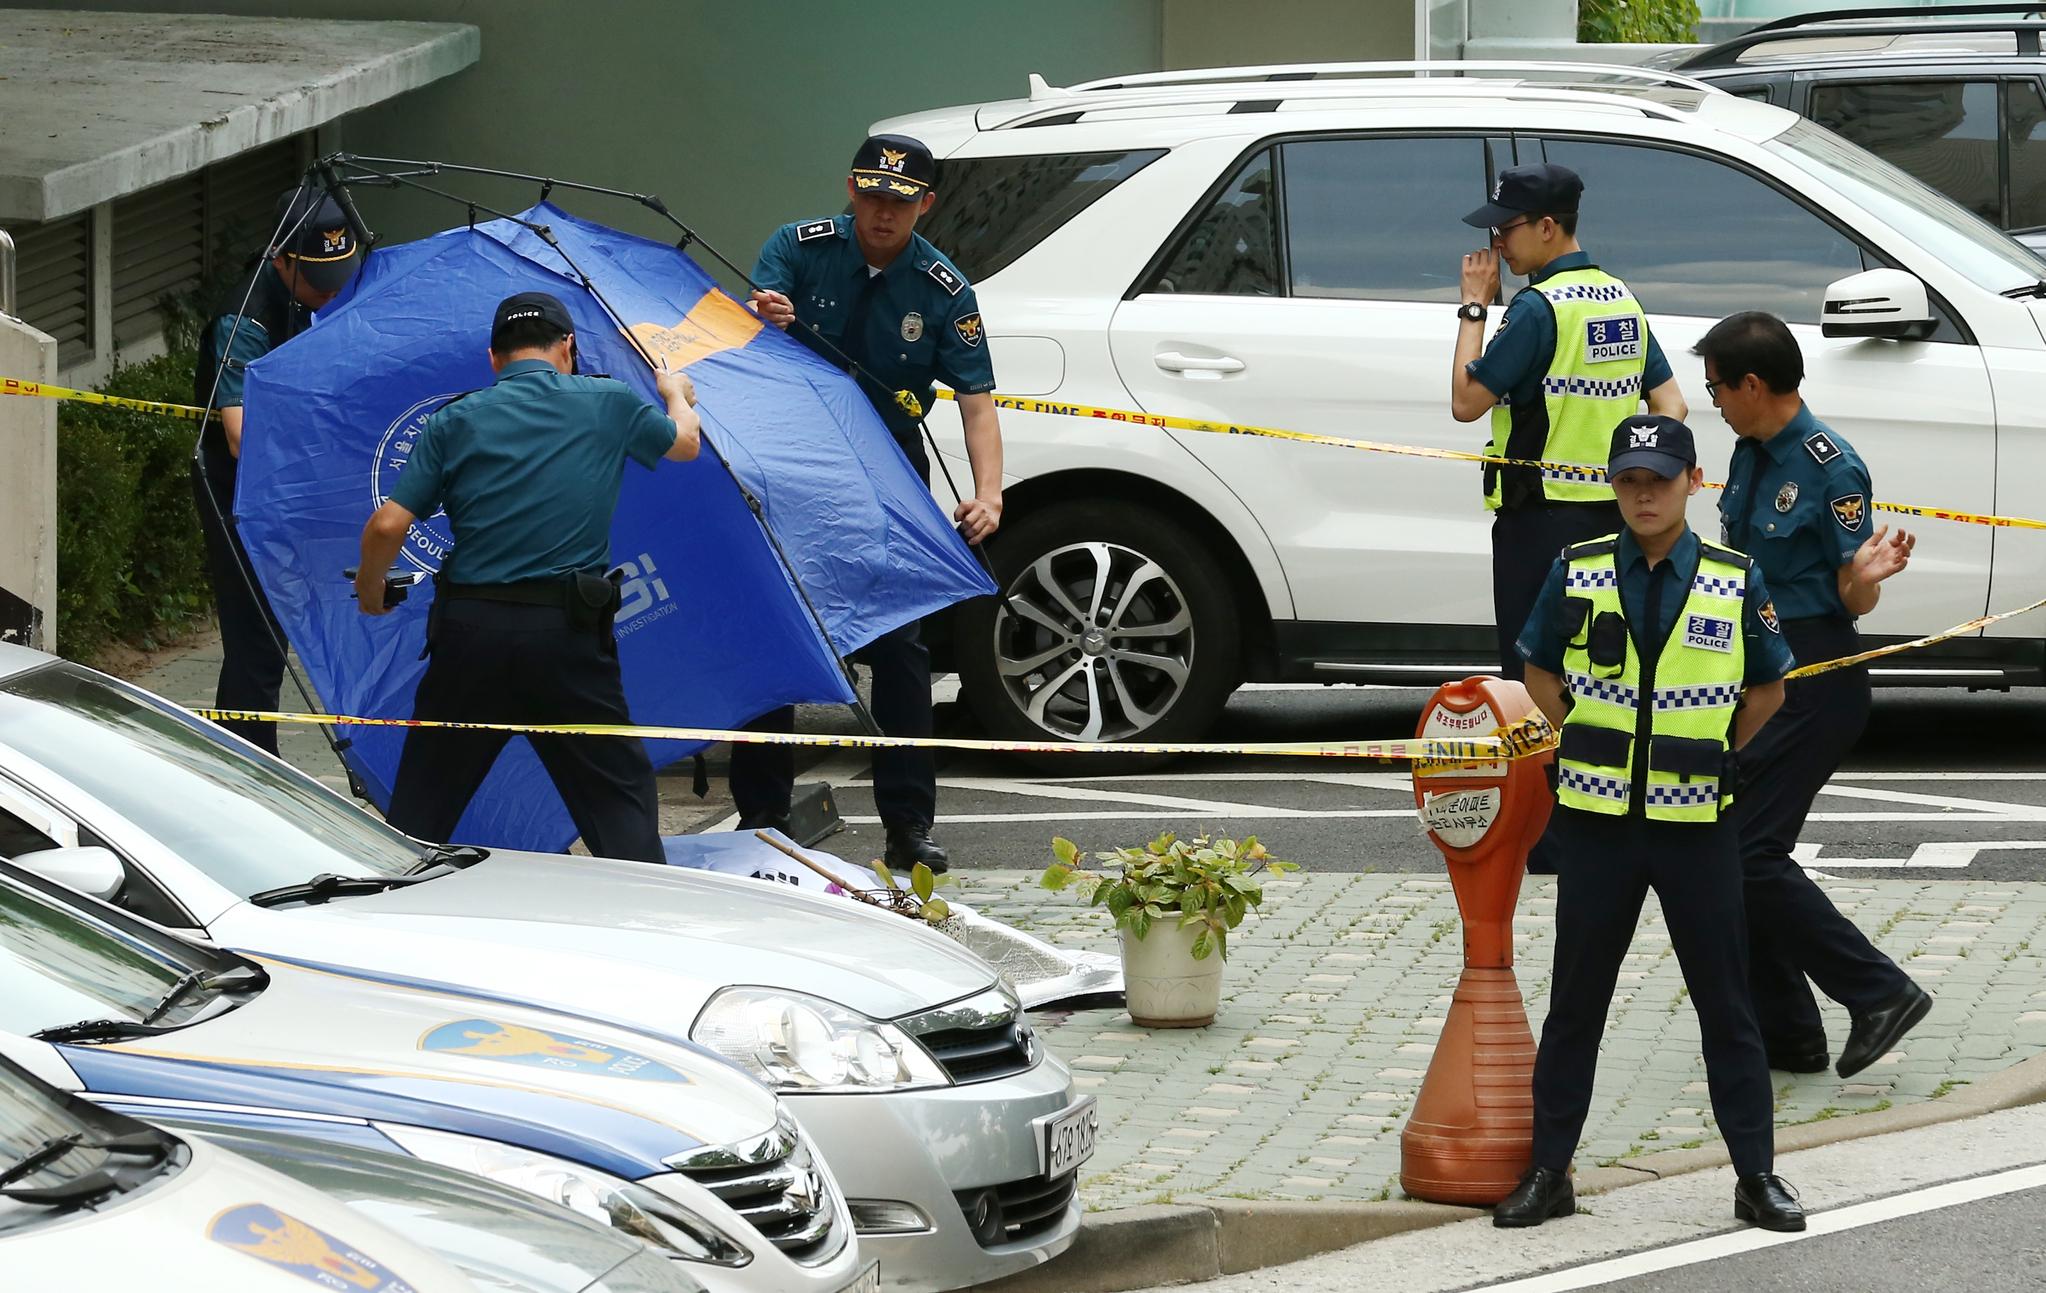 경찰이 23일 정의당 노회찬 원내대표가 투신 사망한 서울 중구 아파트에서 시신을 덮은 텐트가 바람에 넘어가자 급히 옮기고 있다. 임현동 기자